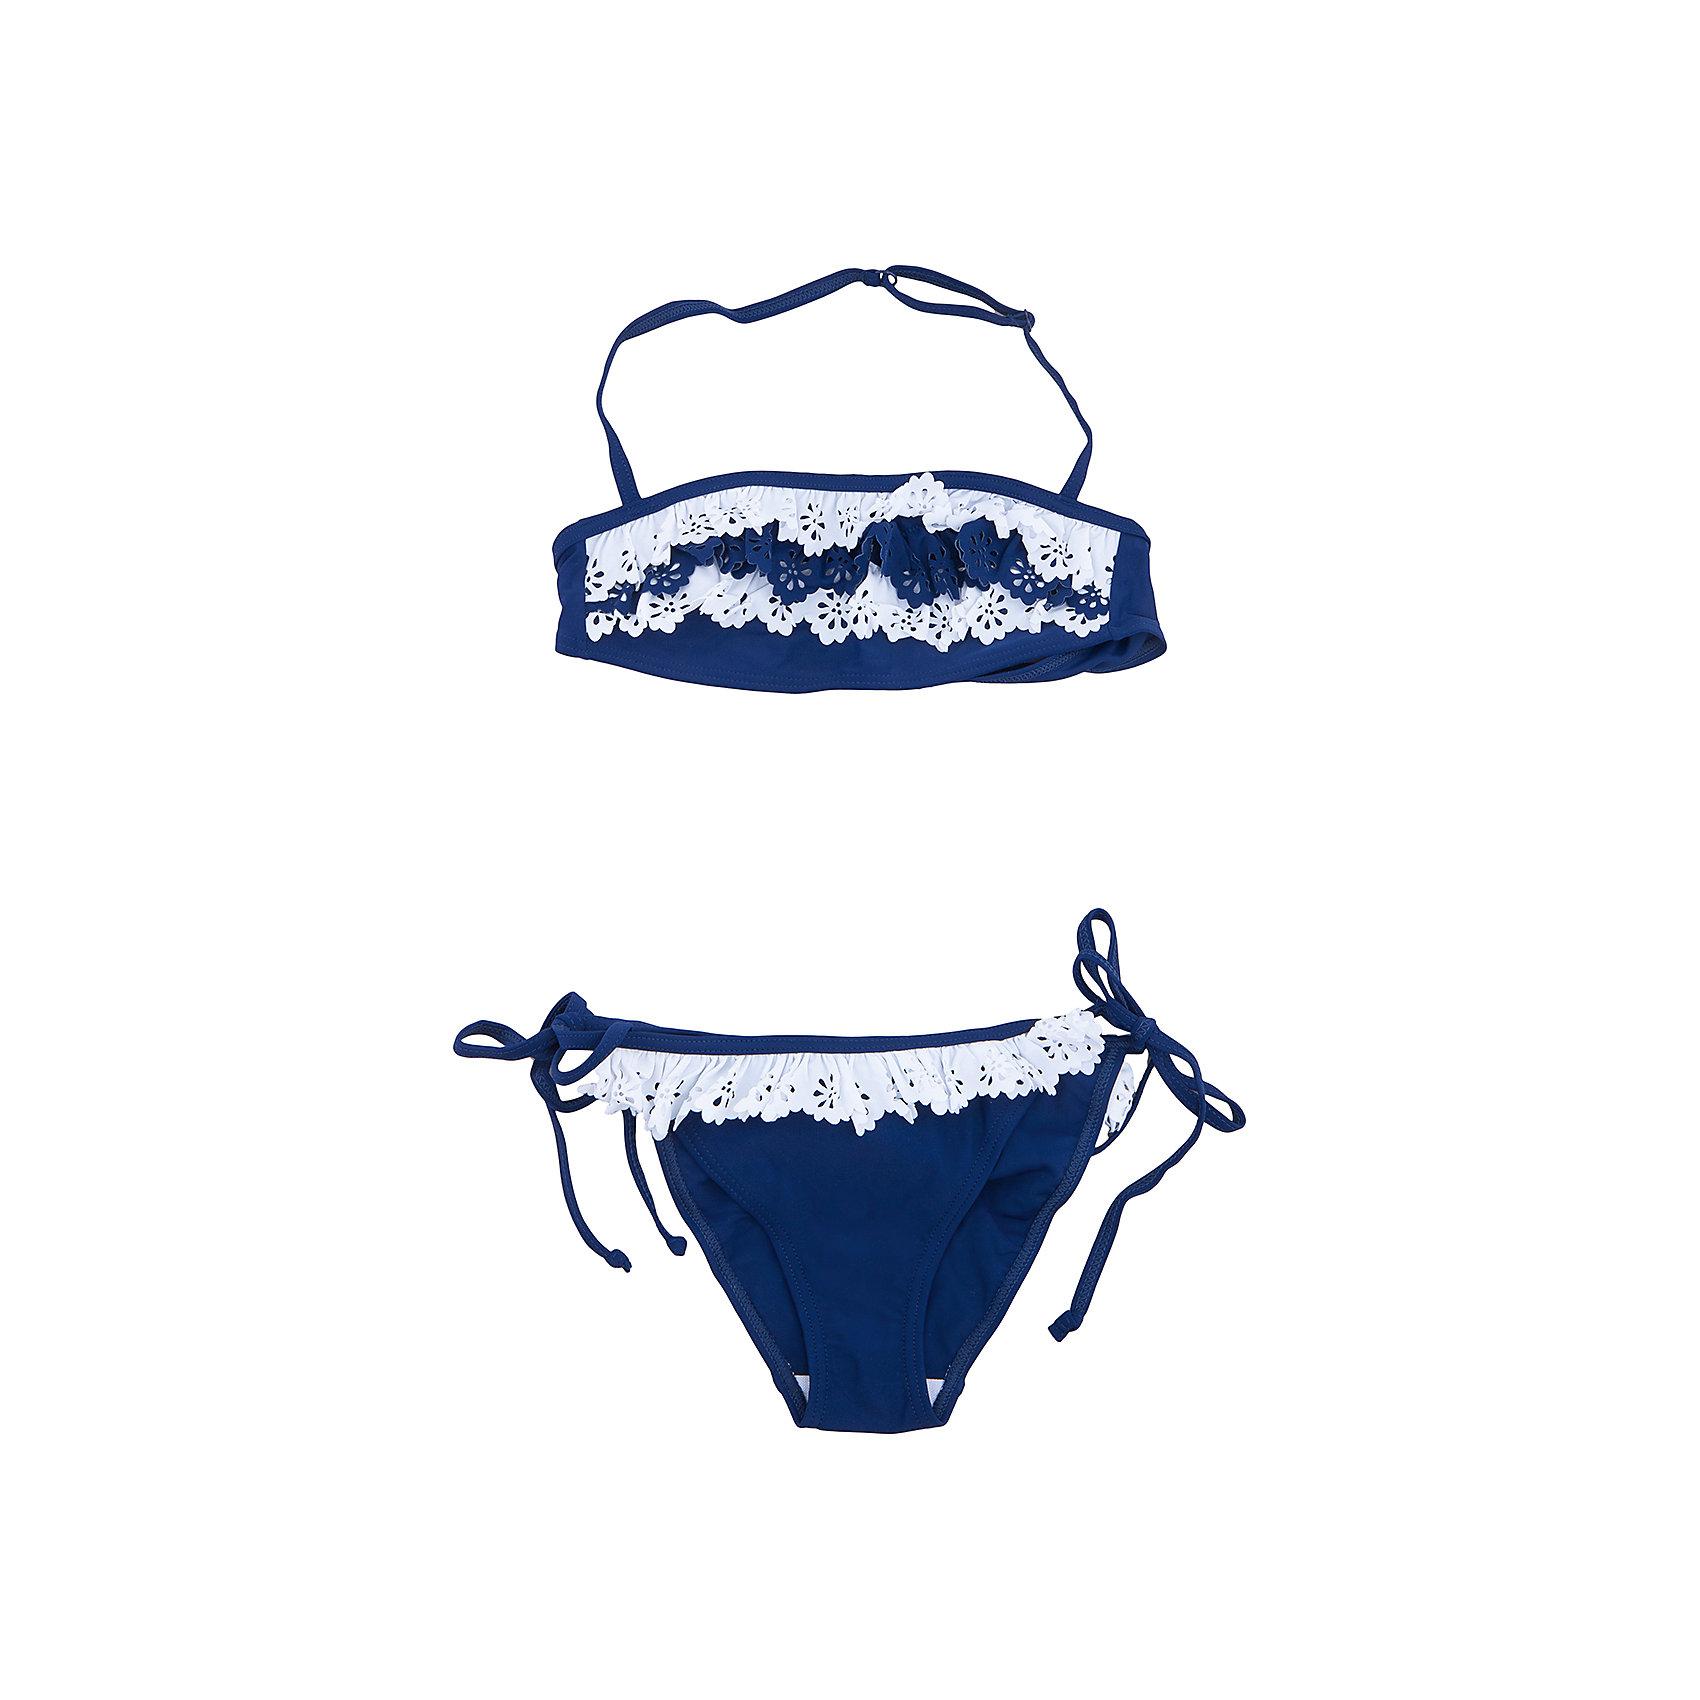 Купальник для девочки ScoolКупальники и плавки<br>Купальник - это неотъемлемая часть летнего гардероба. Быстросохнущий и эластичный материал приятен к телу и не раздражает нежную детскую кожу. Ребенку будет удобно и комфортно. Модель декорирована контрасными ажурными вставками.<br>Состав:<br>80% нейлон, 20% эластан<br><br>Ширина мм: 183<br>Глубина мм: 60<br>Высота мм: 135<br>Вес г: 119<br>Цвет: синий<br>Возраст от месяцев: 156<br>Возраст до месяцев: 168<br>Пол: Женский<br>Возраст: Детский<br>Размер: 158/164,134/140,146/152<br>SKU: 5604255